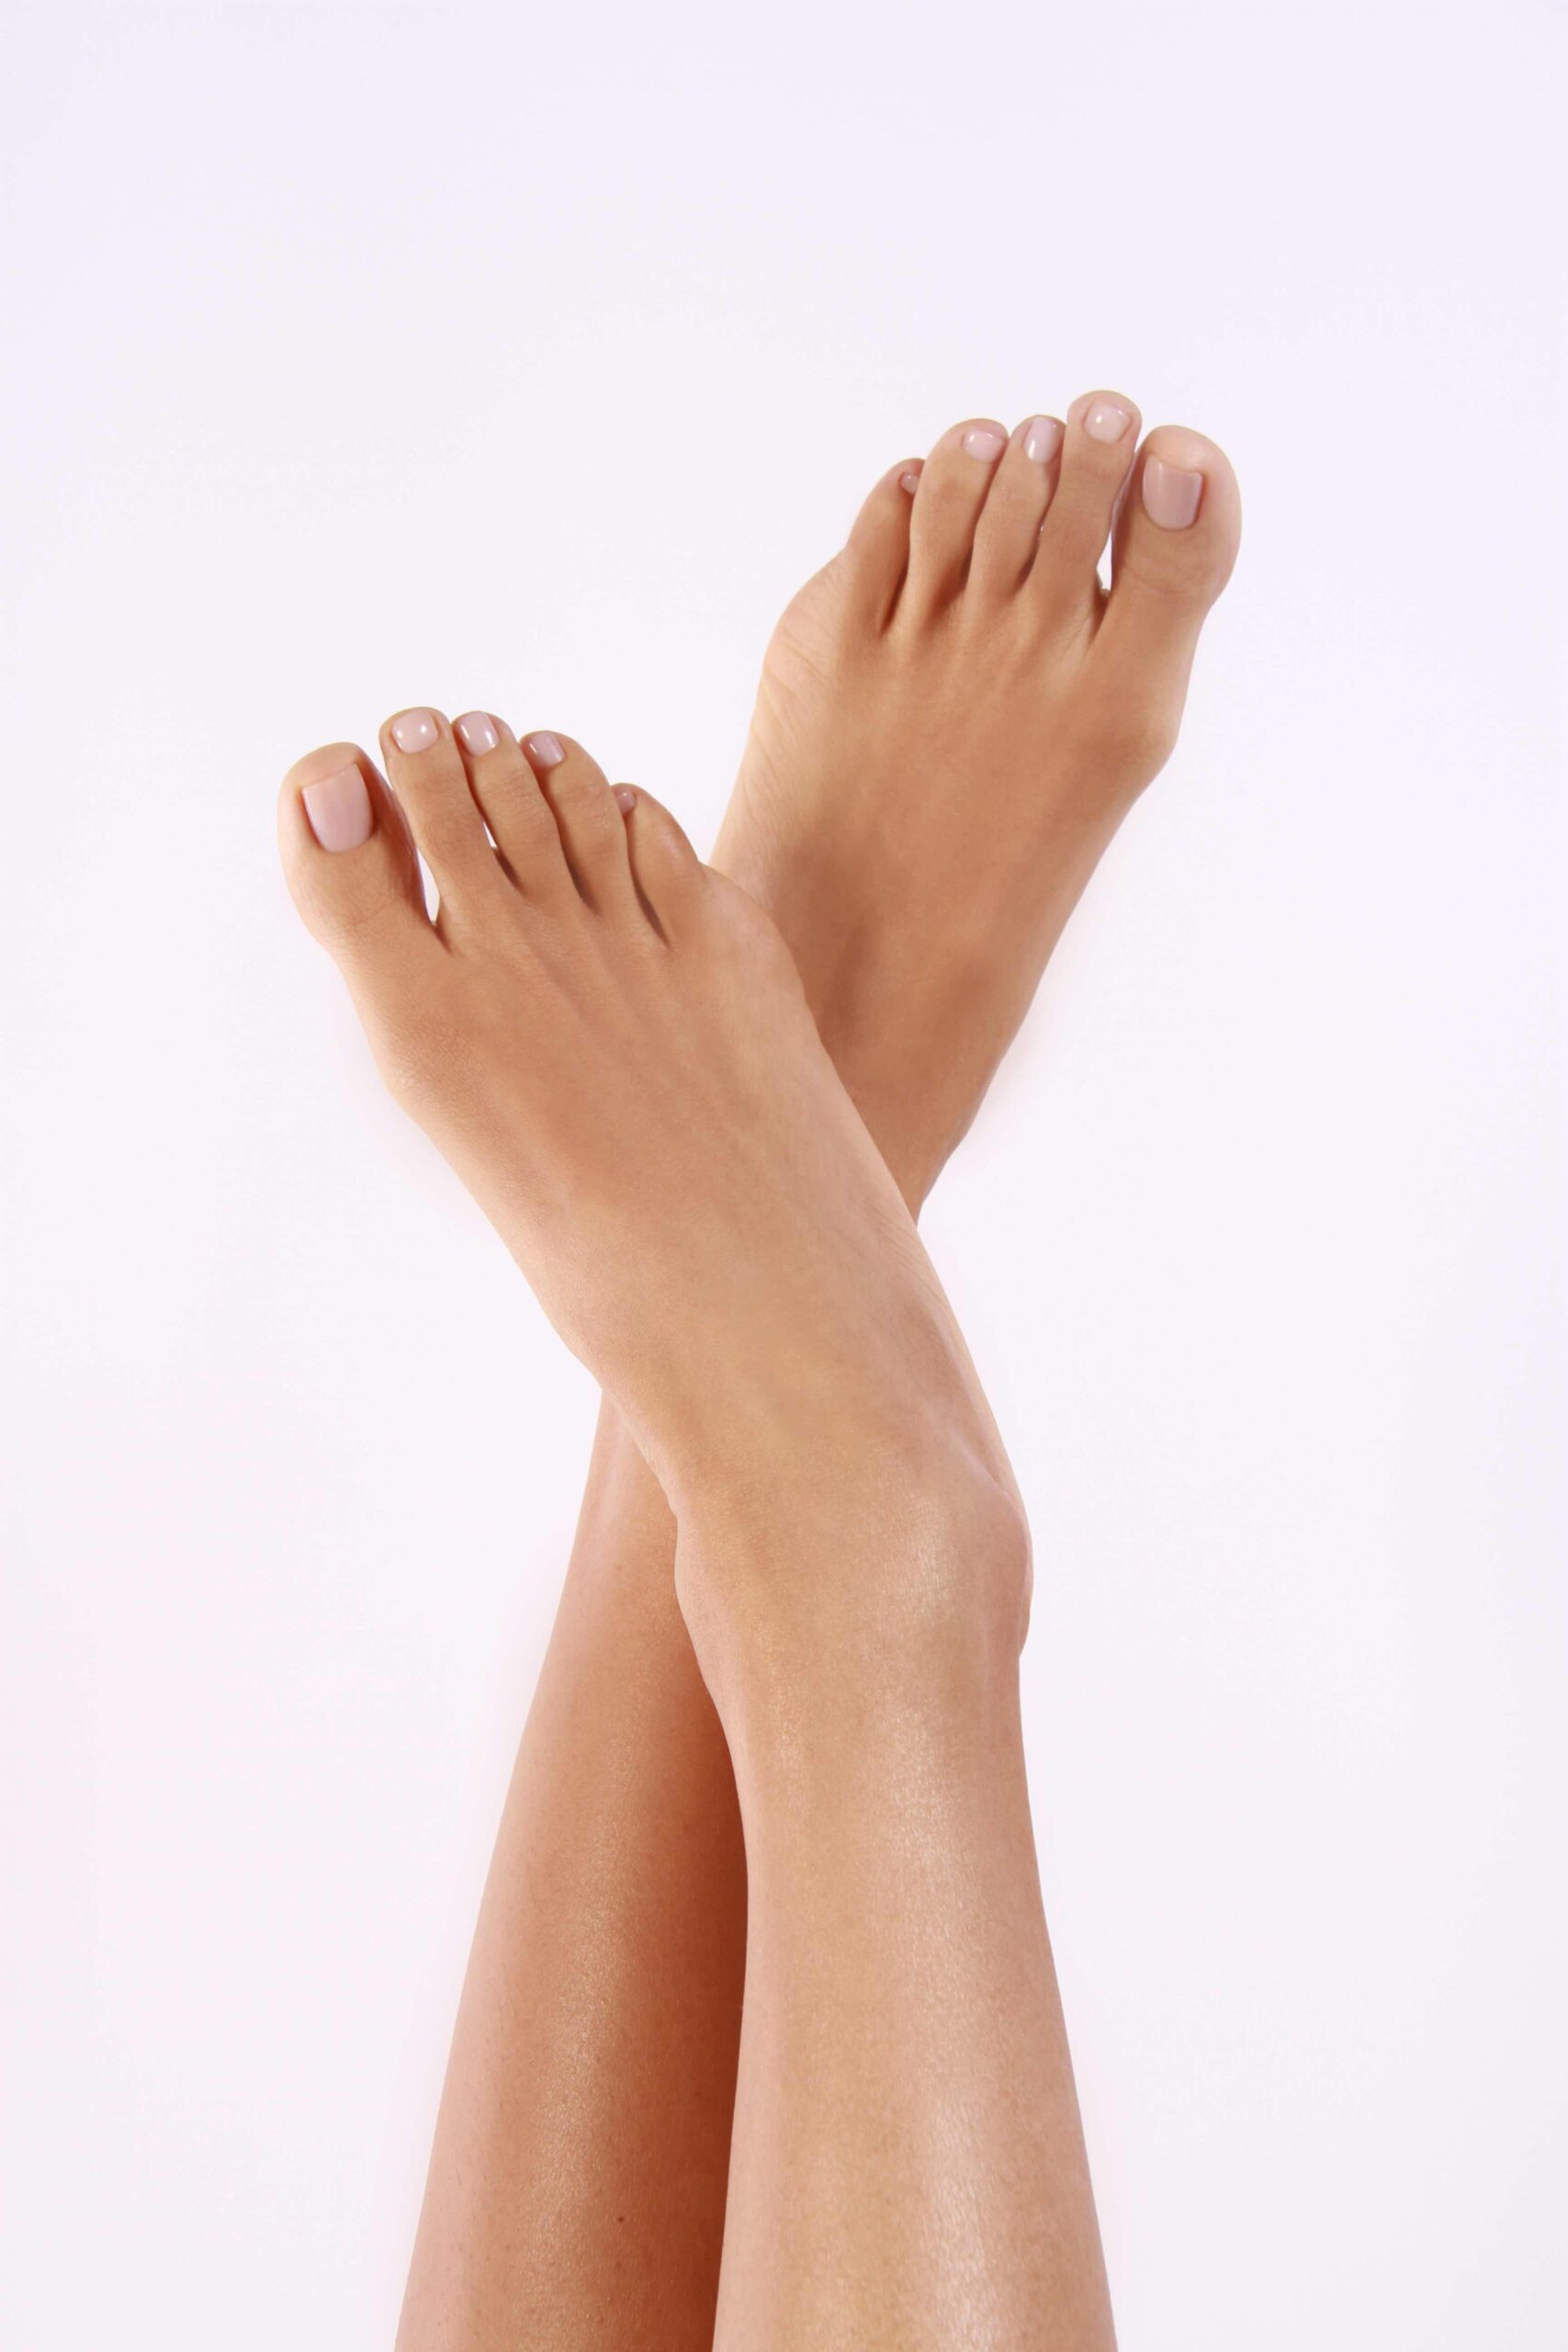 TIffany Bennicke feet